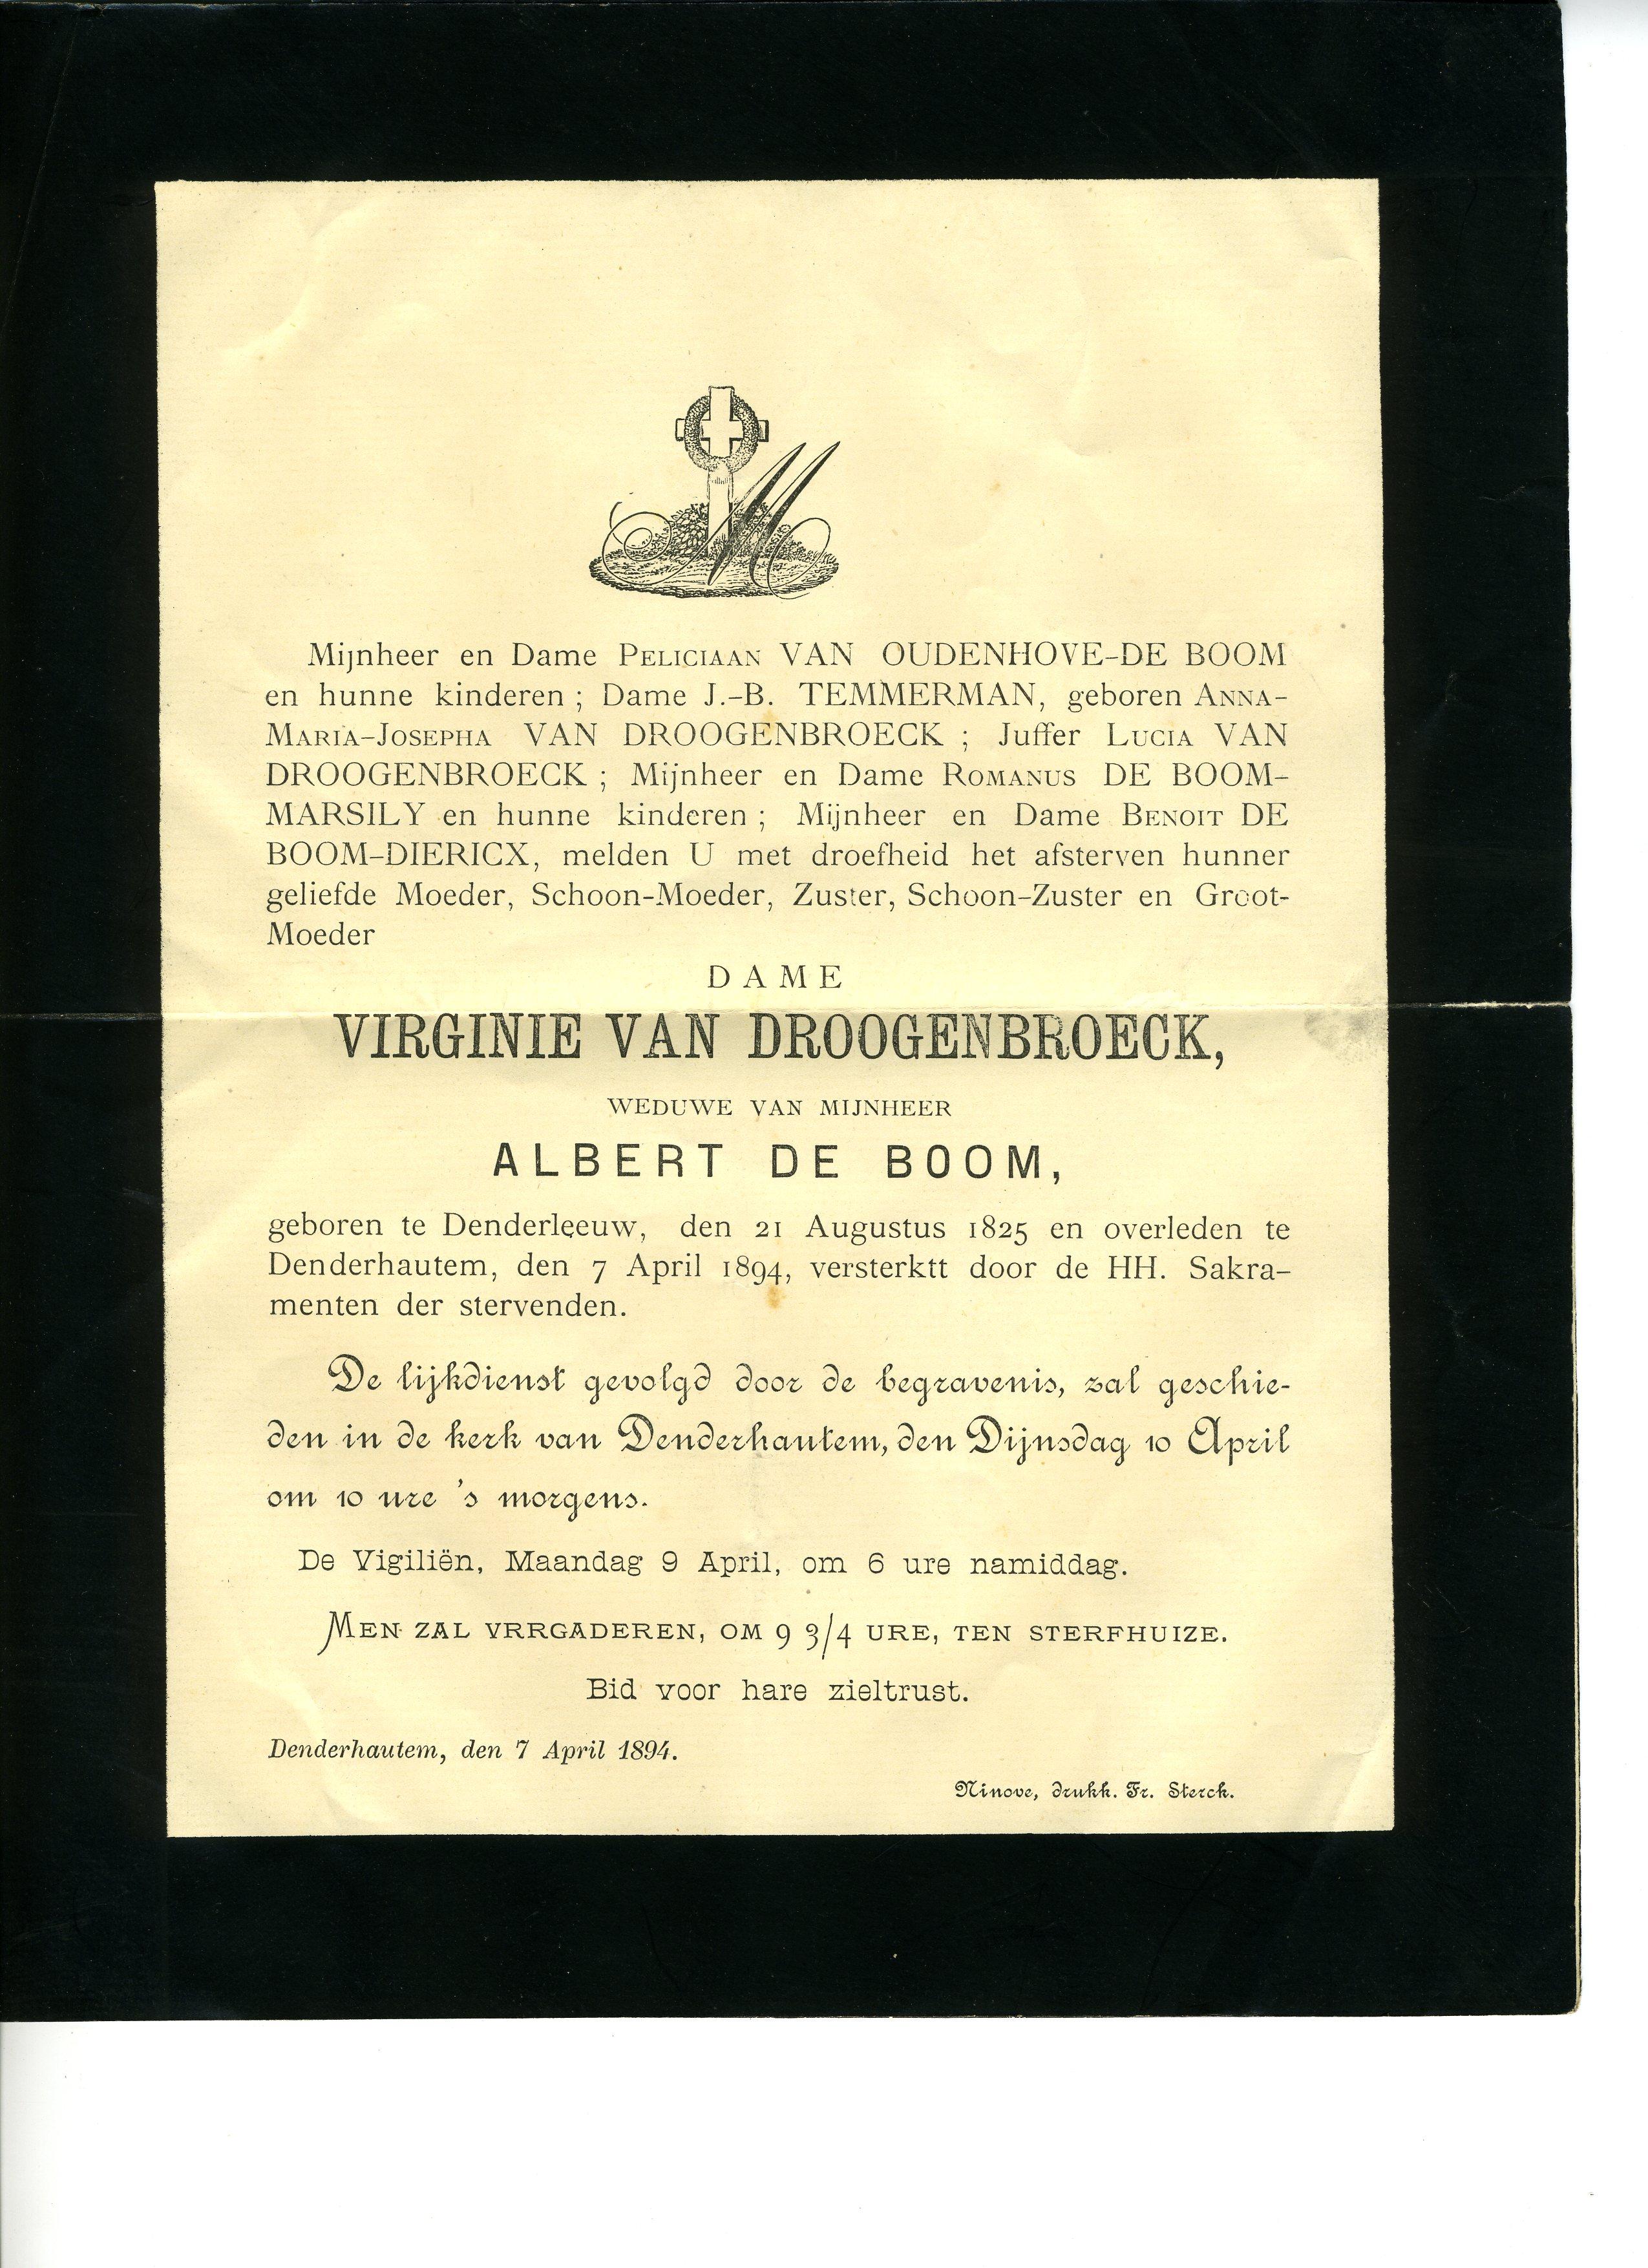 168_virginiedeboom1894_a